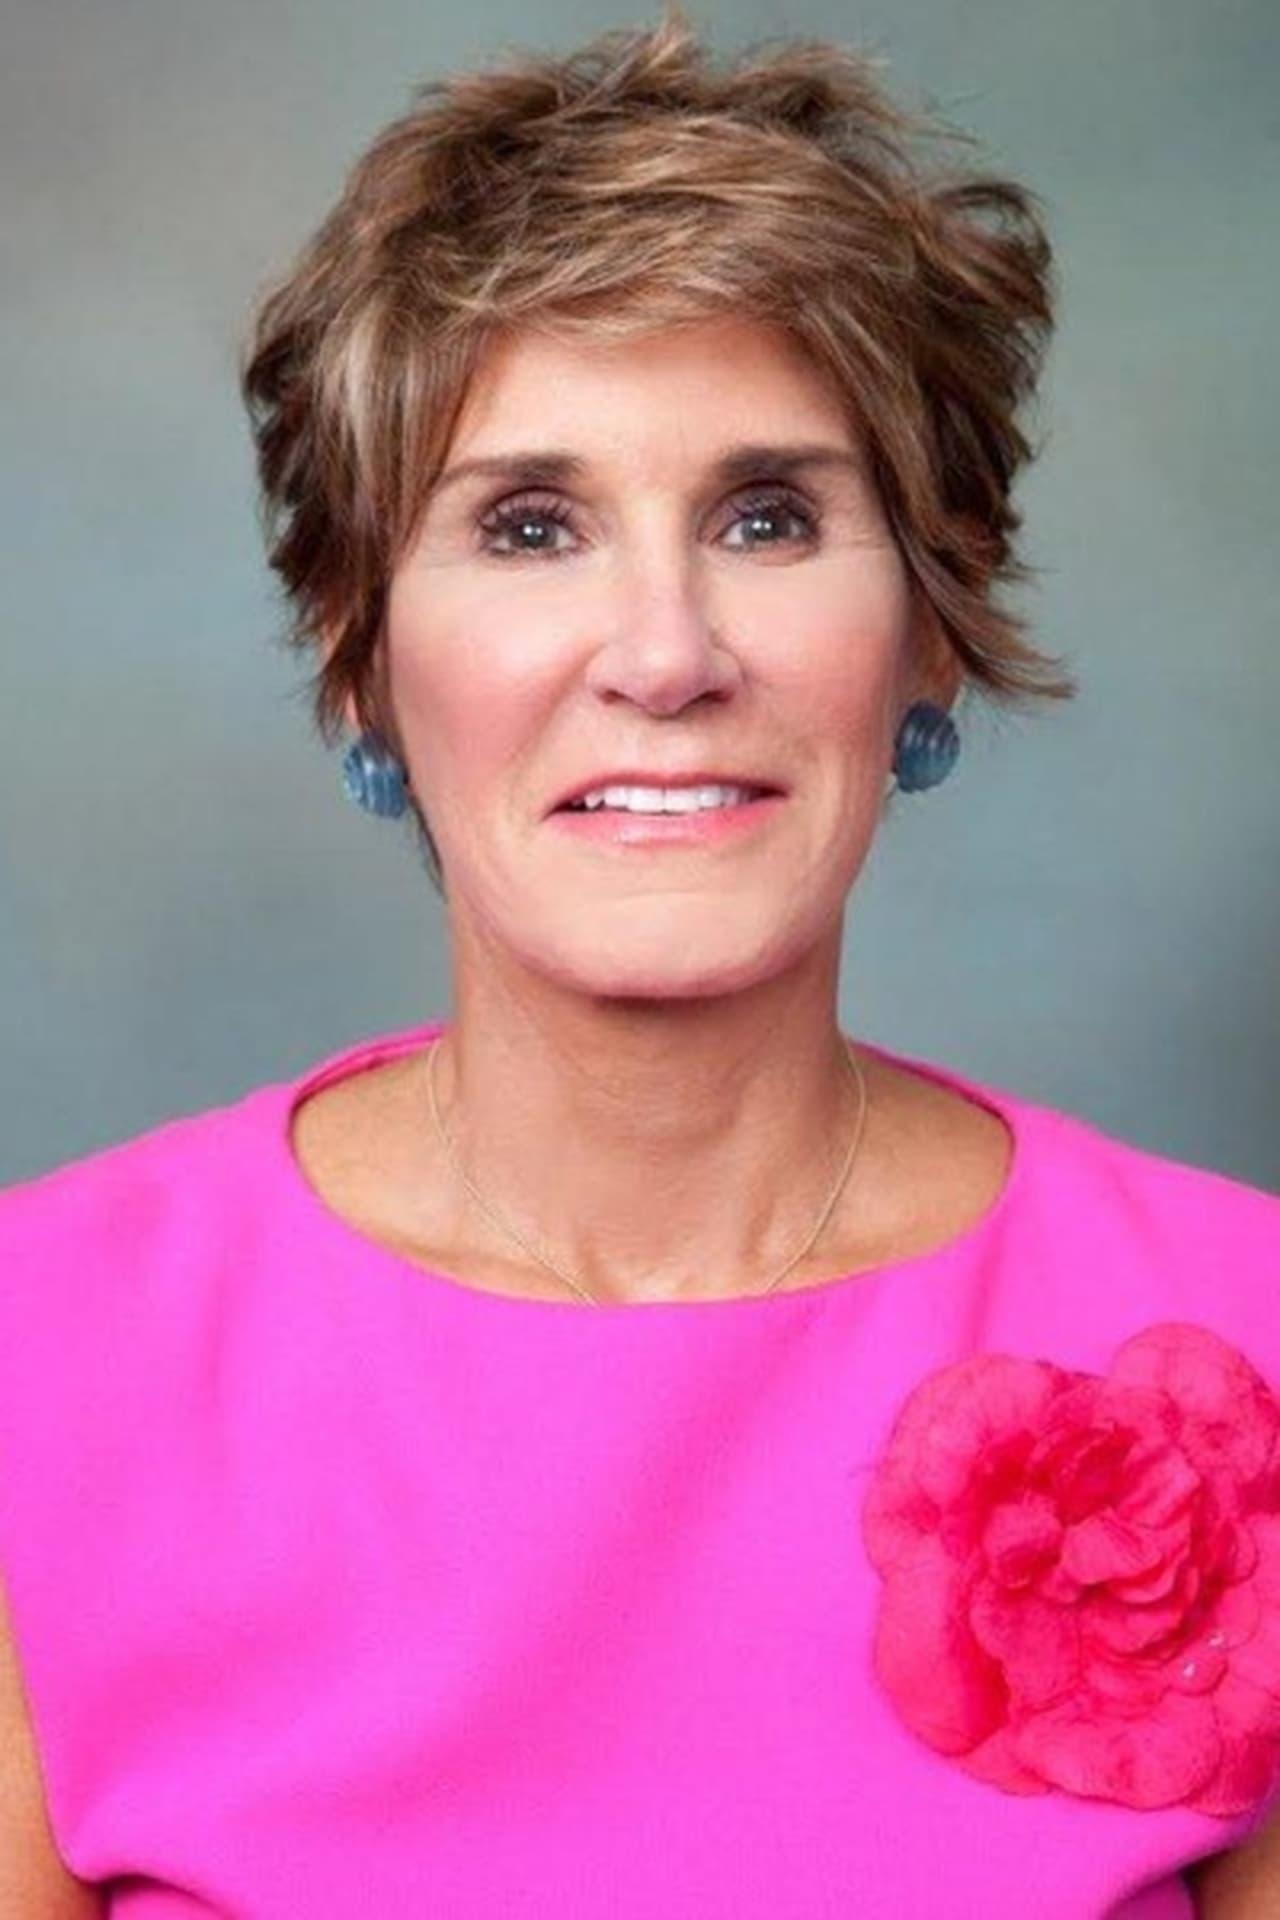 Mary Matalin